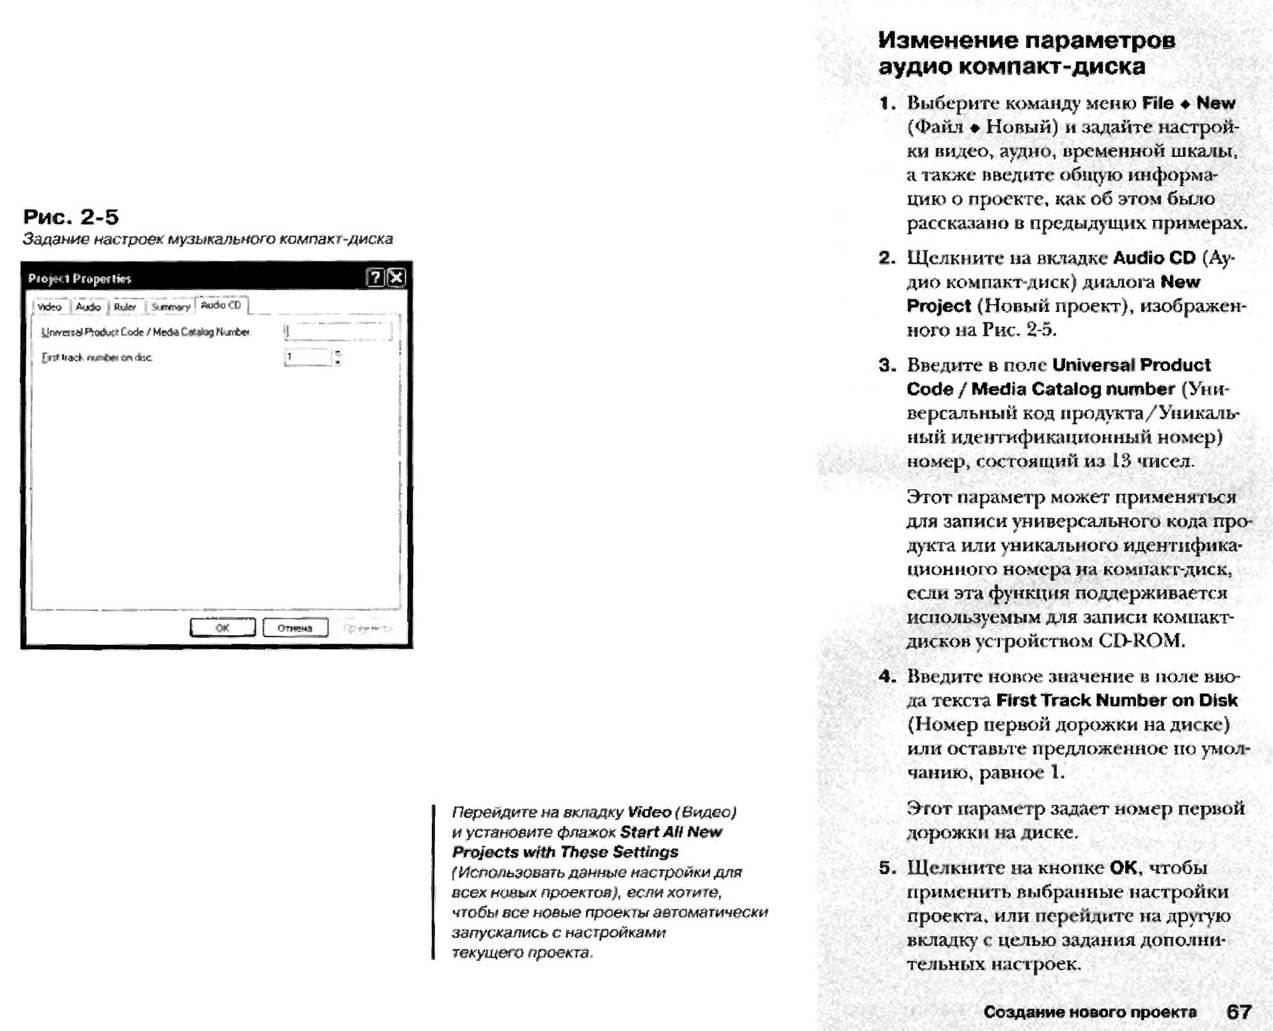 http://redaktori-uroki.3dn.ru/_ph/12/745432176.jpg